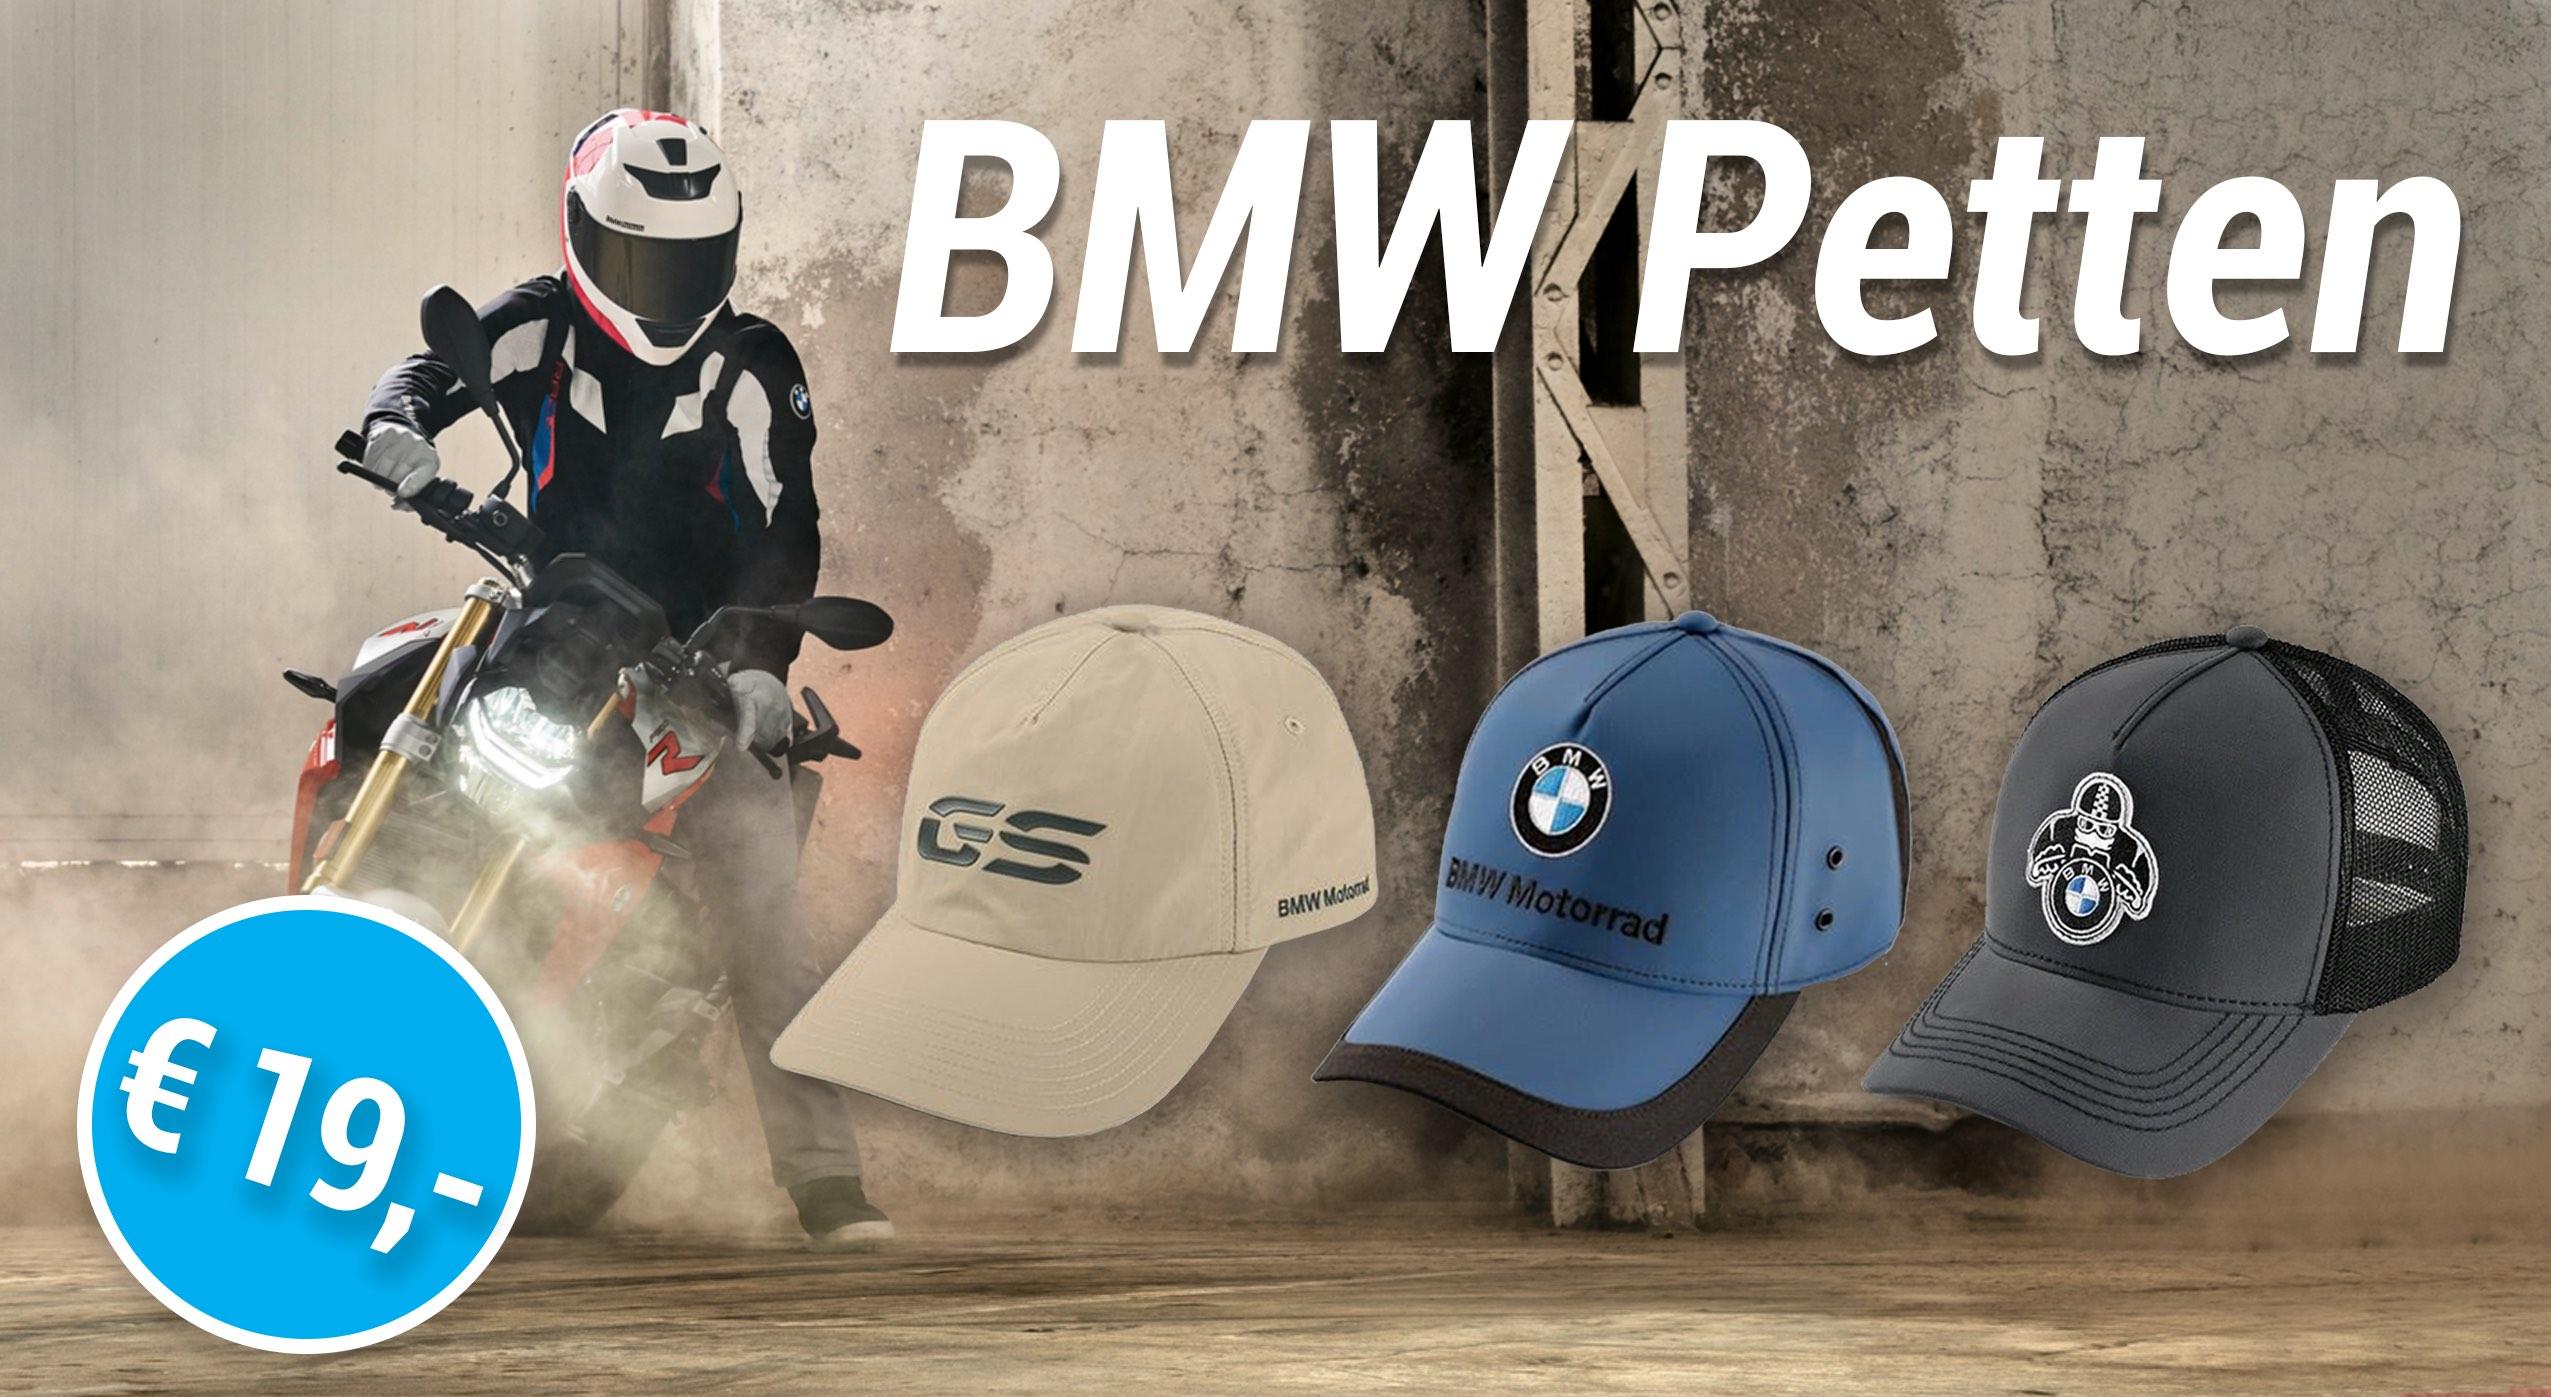 bmw-petten-kleiner-jpg.jpg